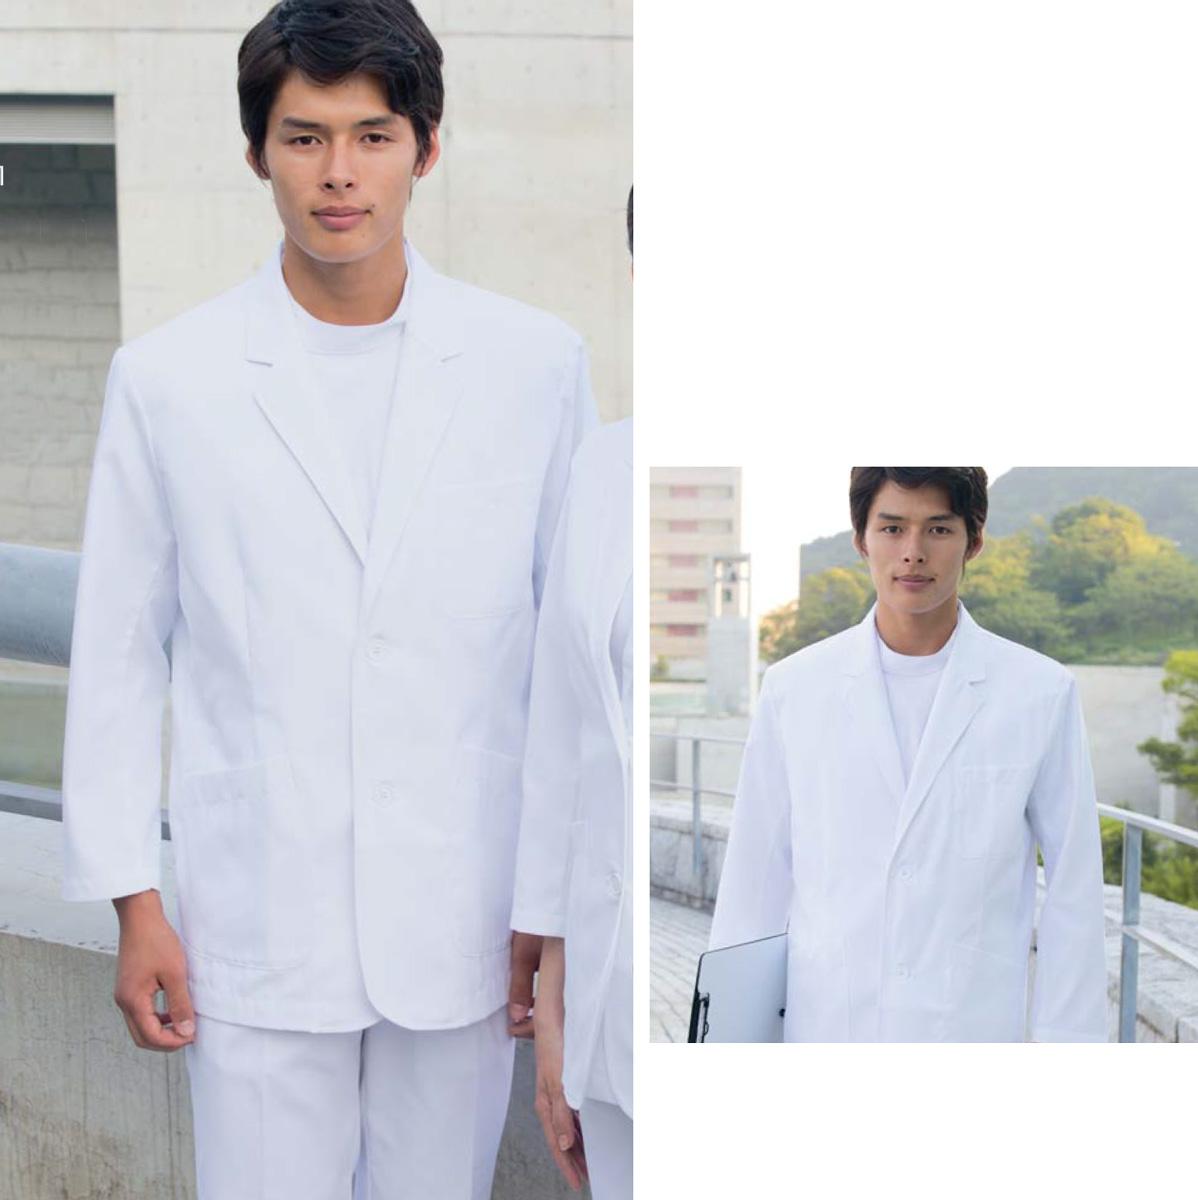 メンズドクターブレザー 【71-901】 白衣 医療 ドクターコート モンブラン